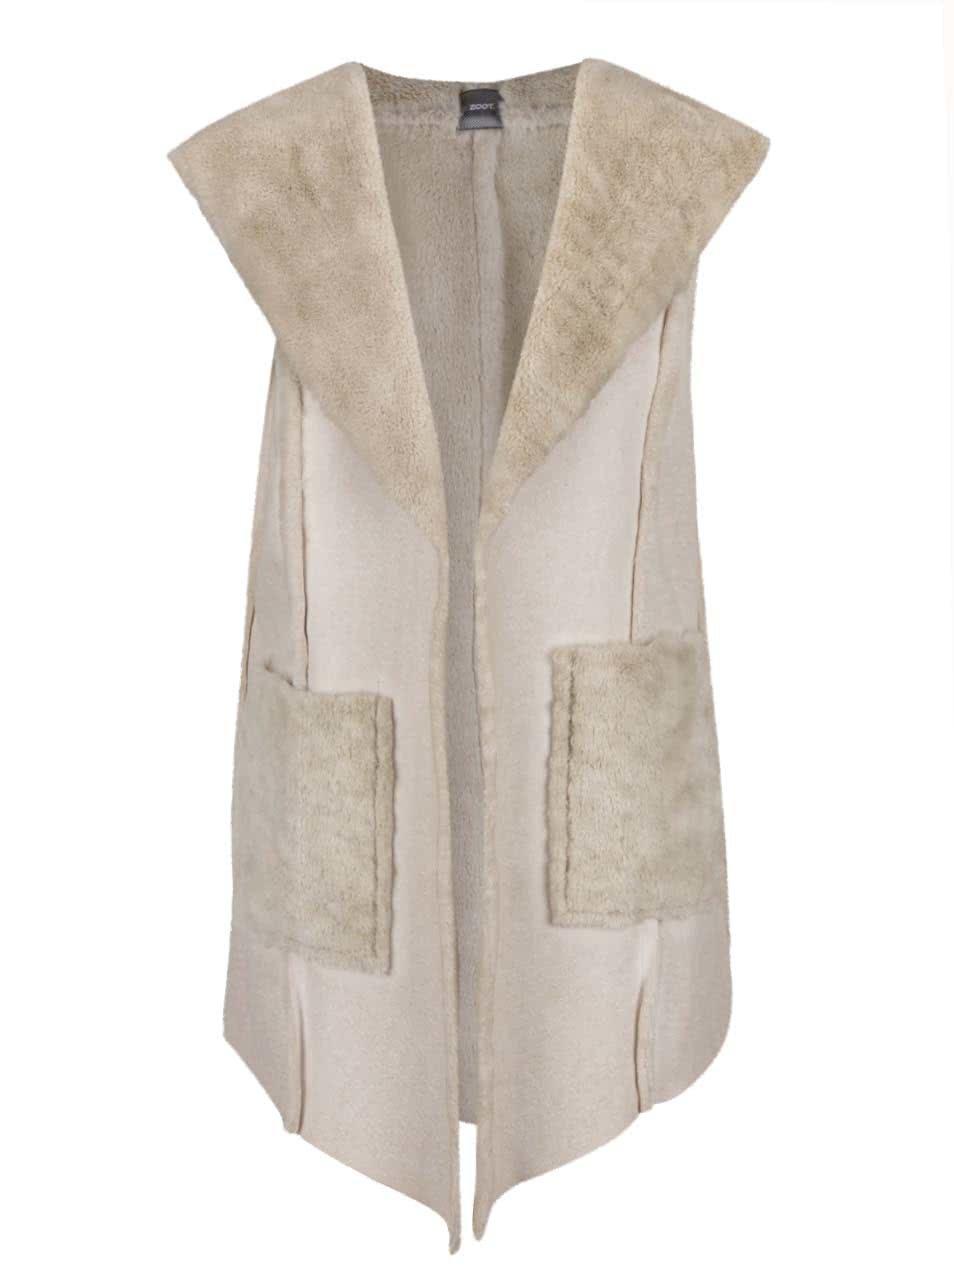 Béžová vesta z umělé kožešiny s kapucí a kapsami ZOOT